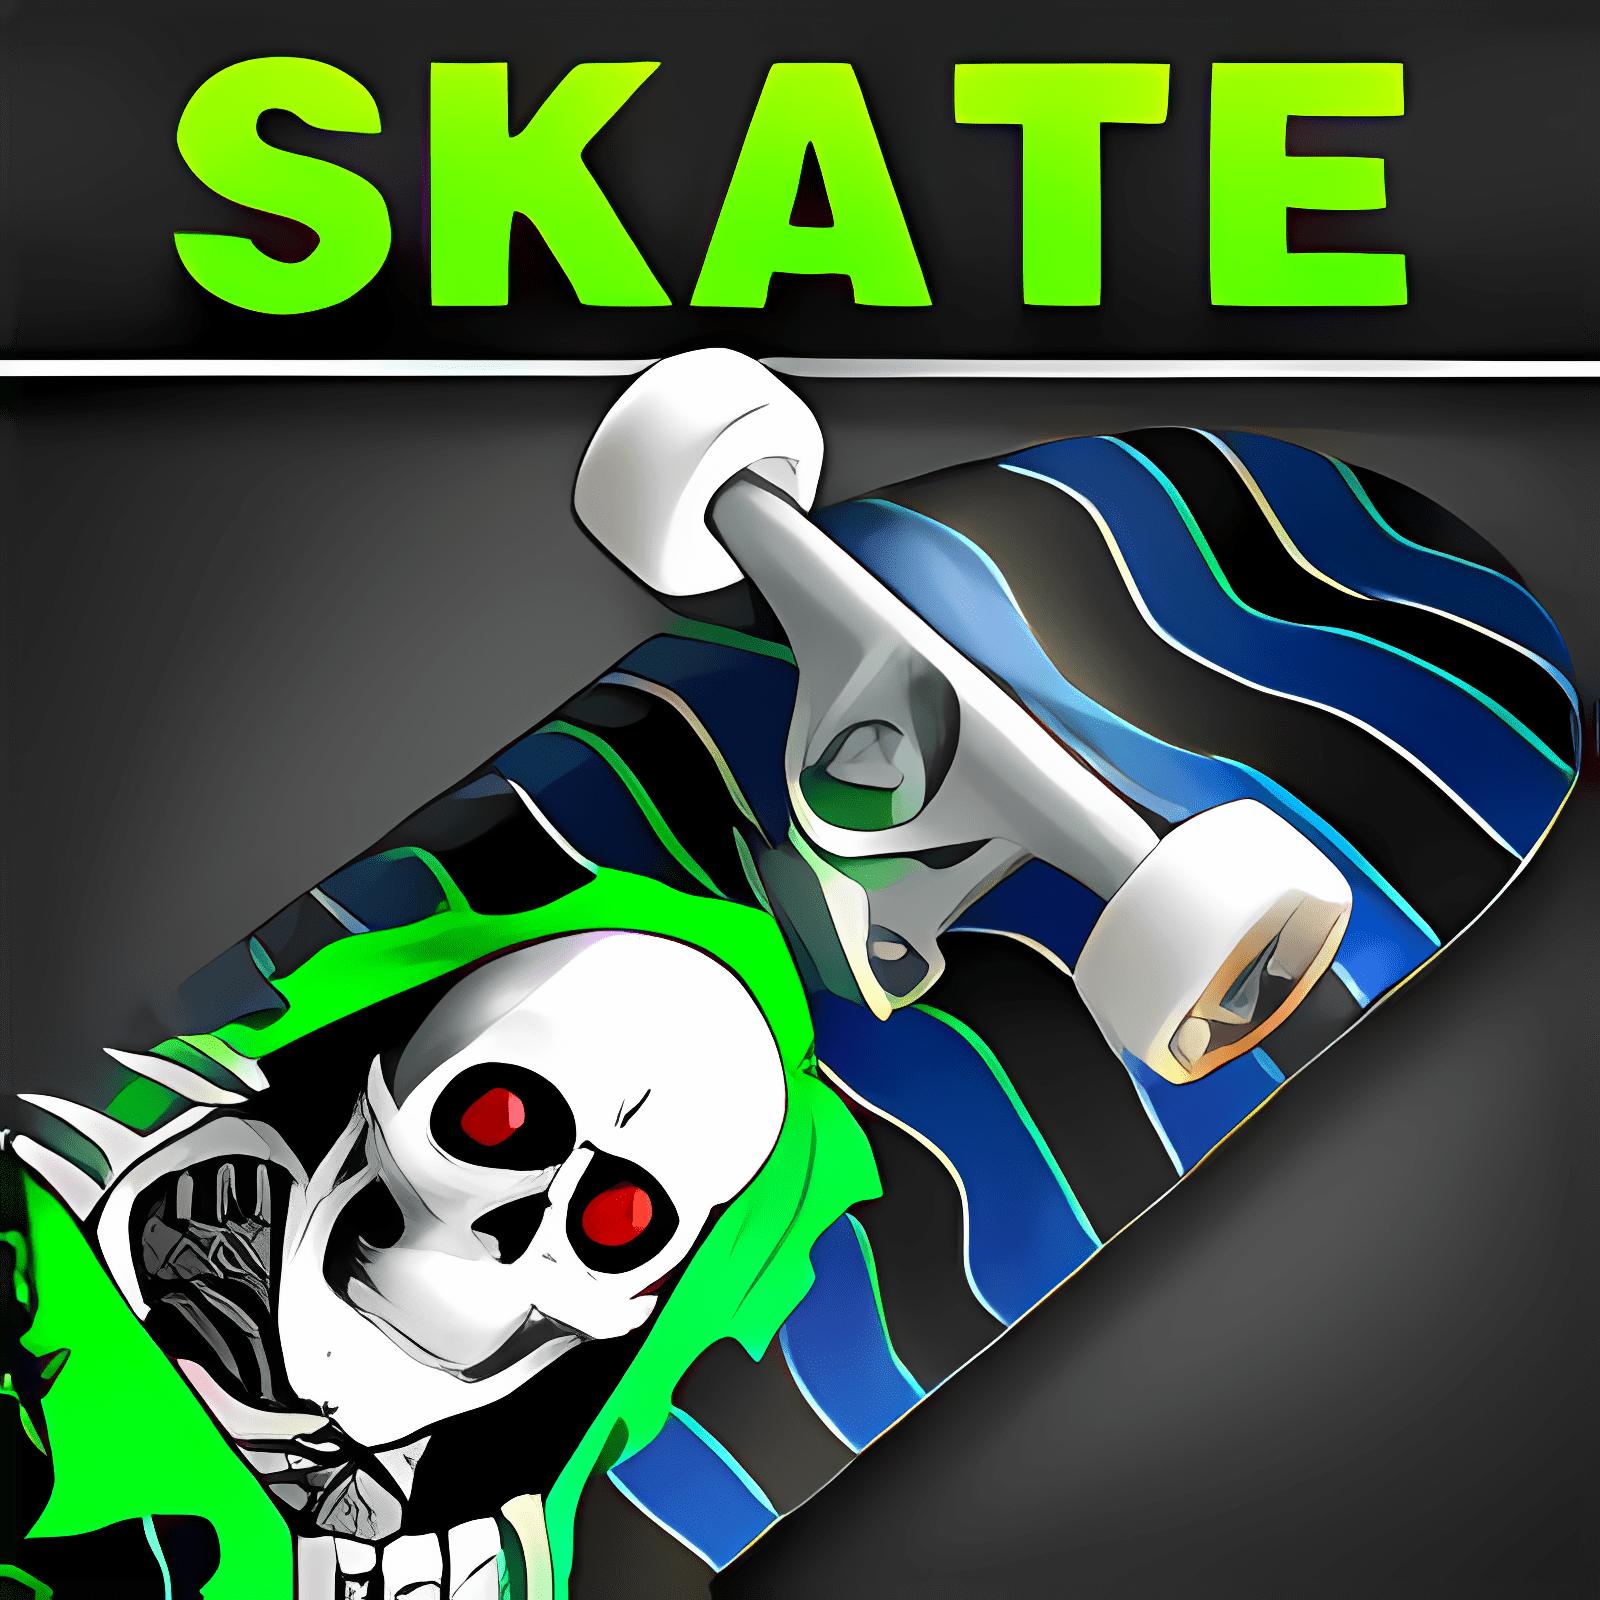 Skateboard Party 2 para Windows 10 1.1.0.1